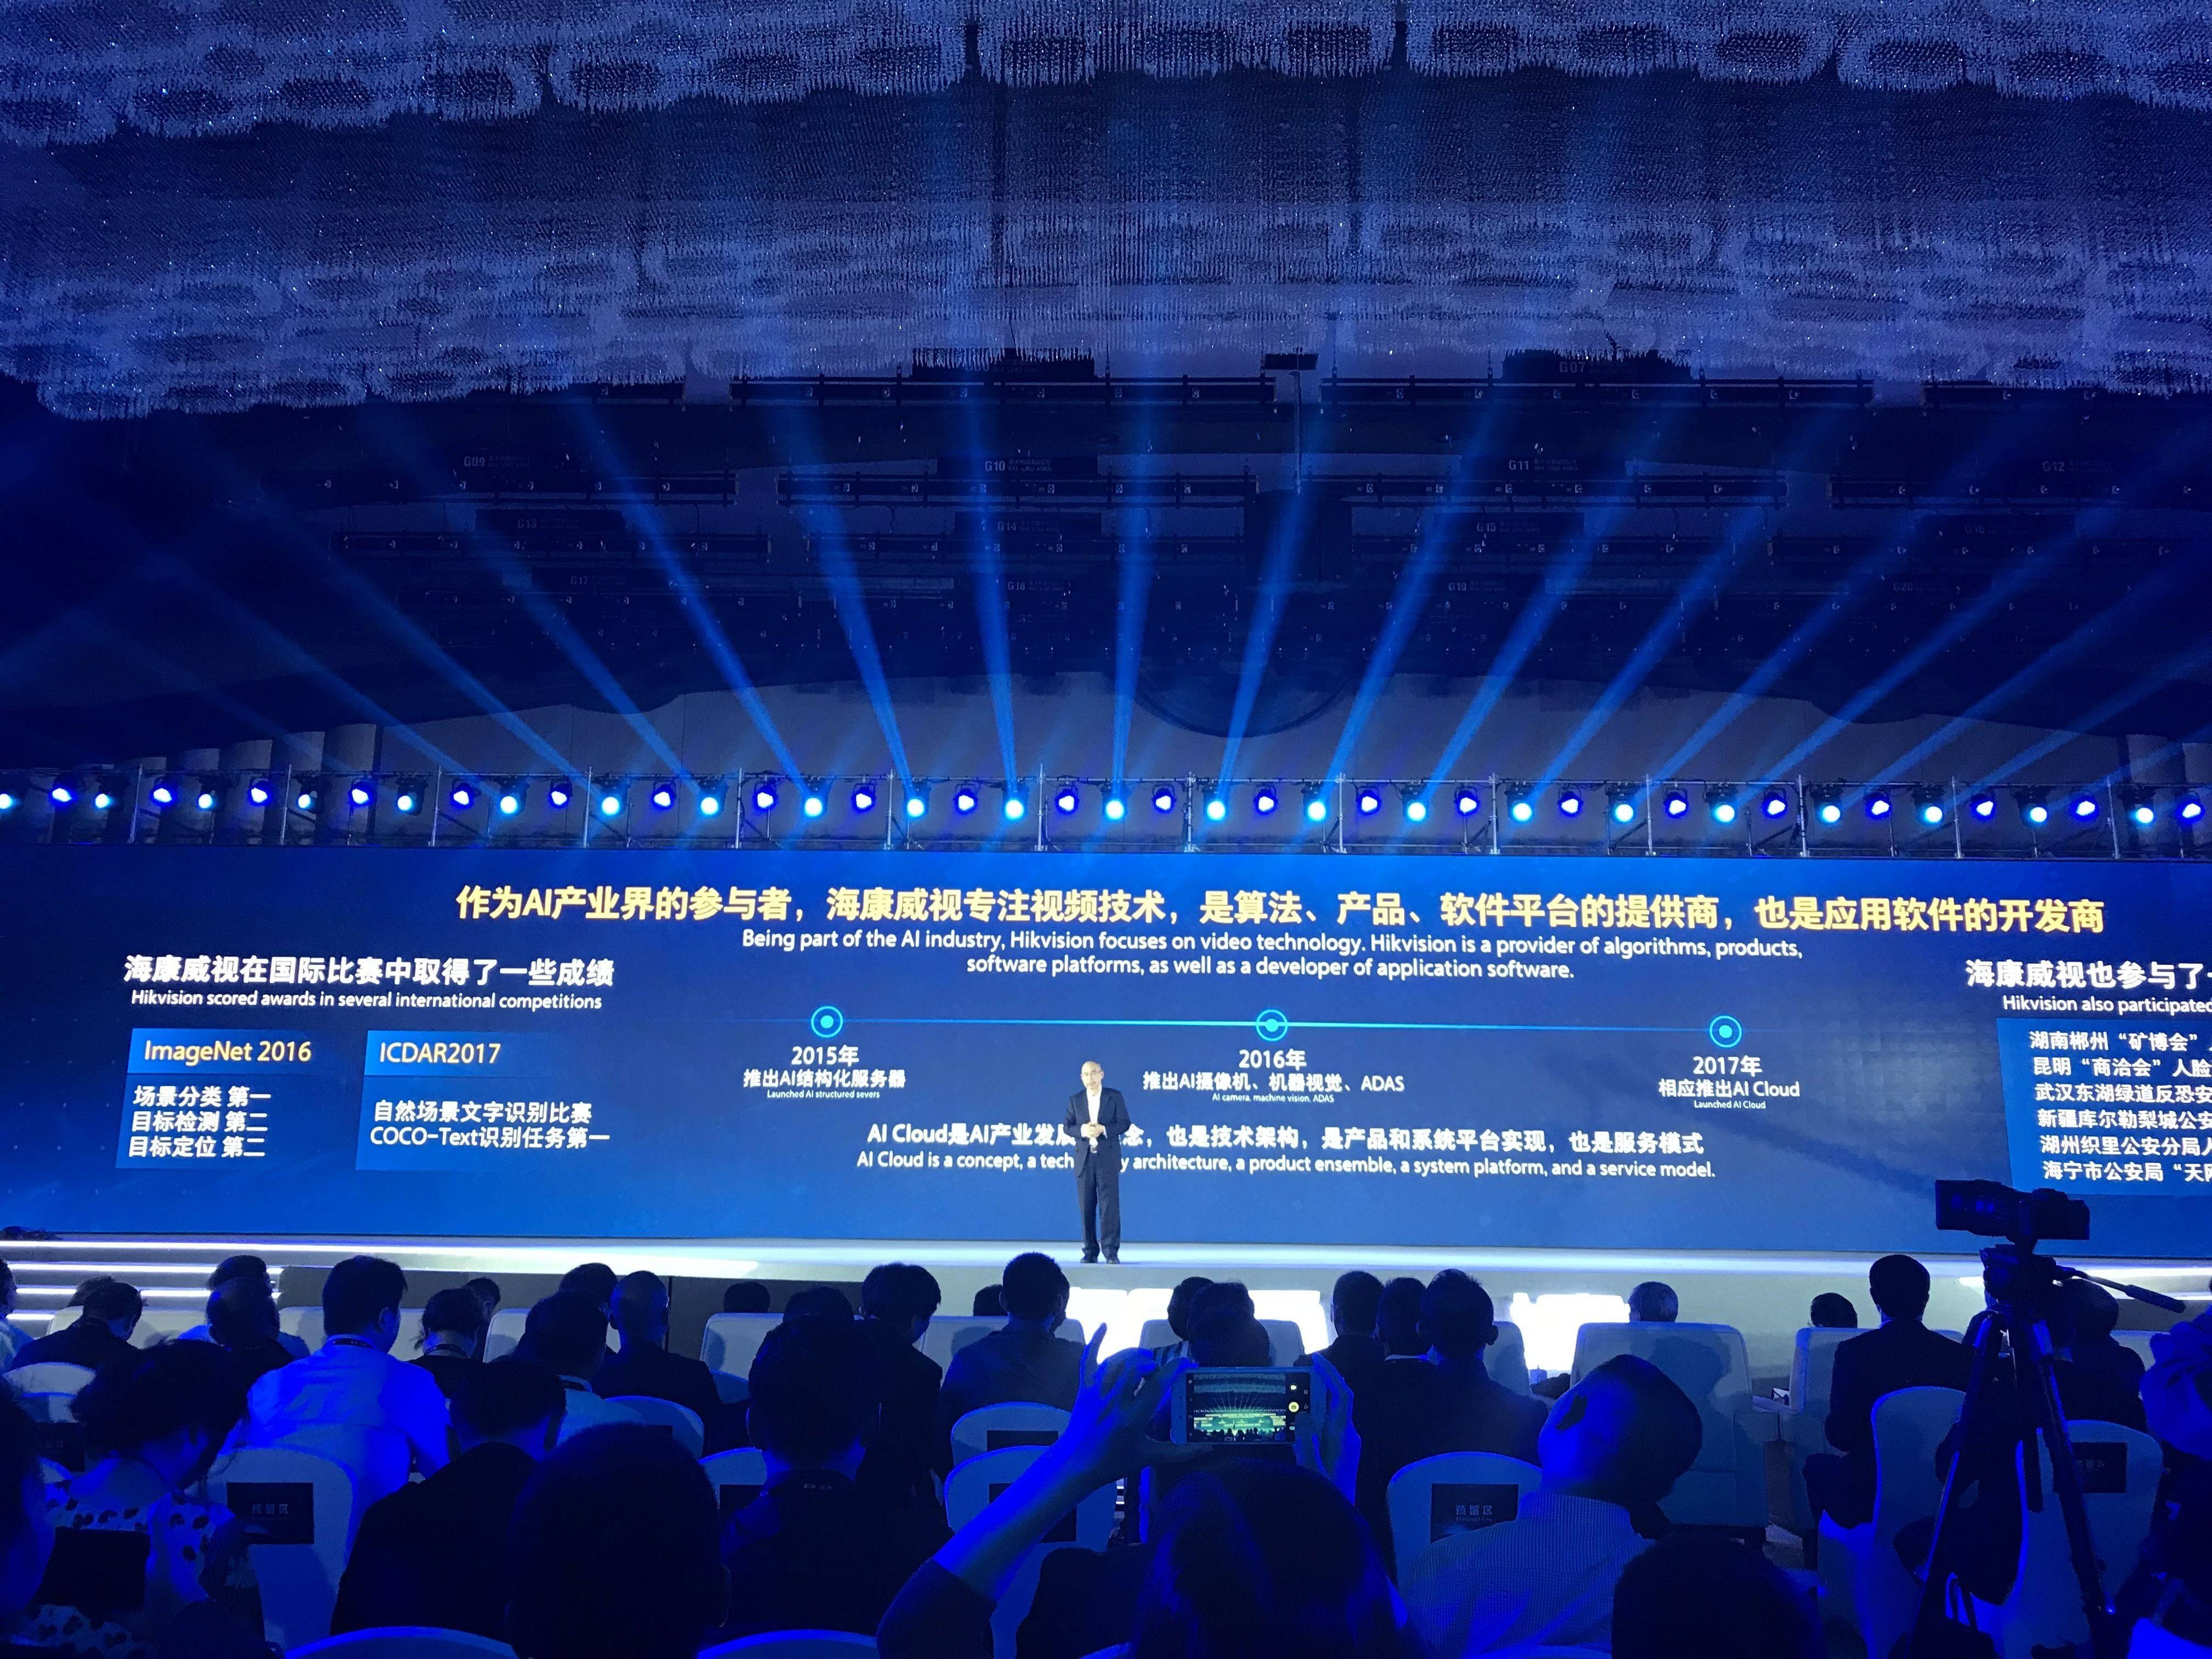 安防行业将面临数字化和AI化的转型